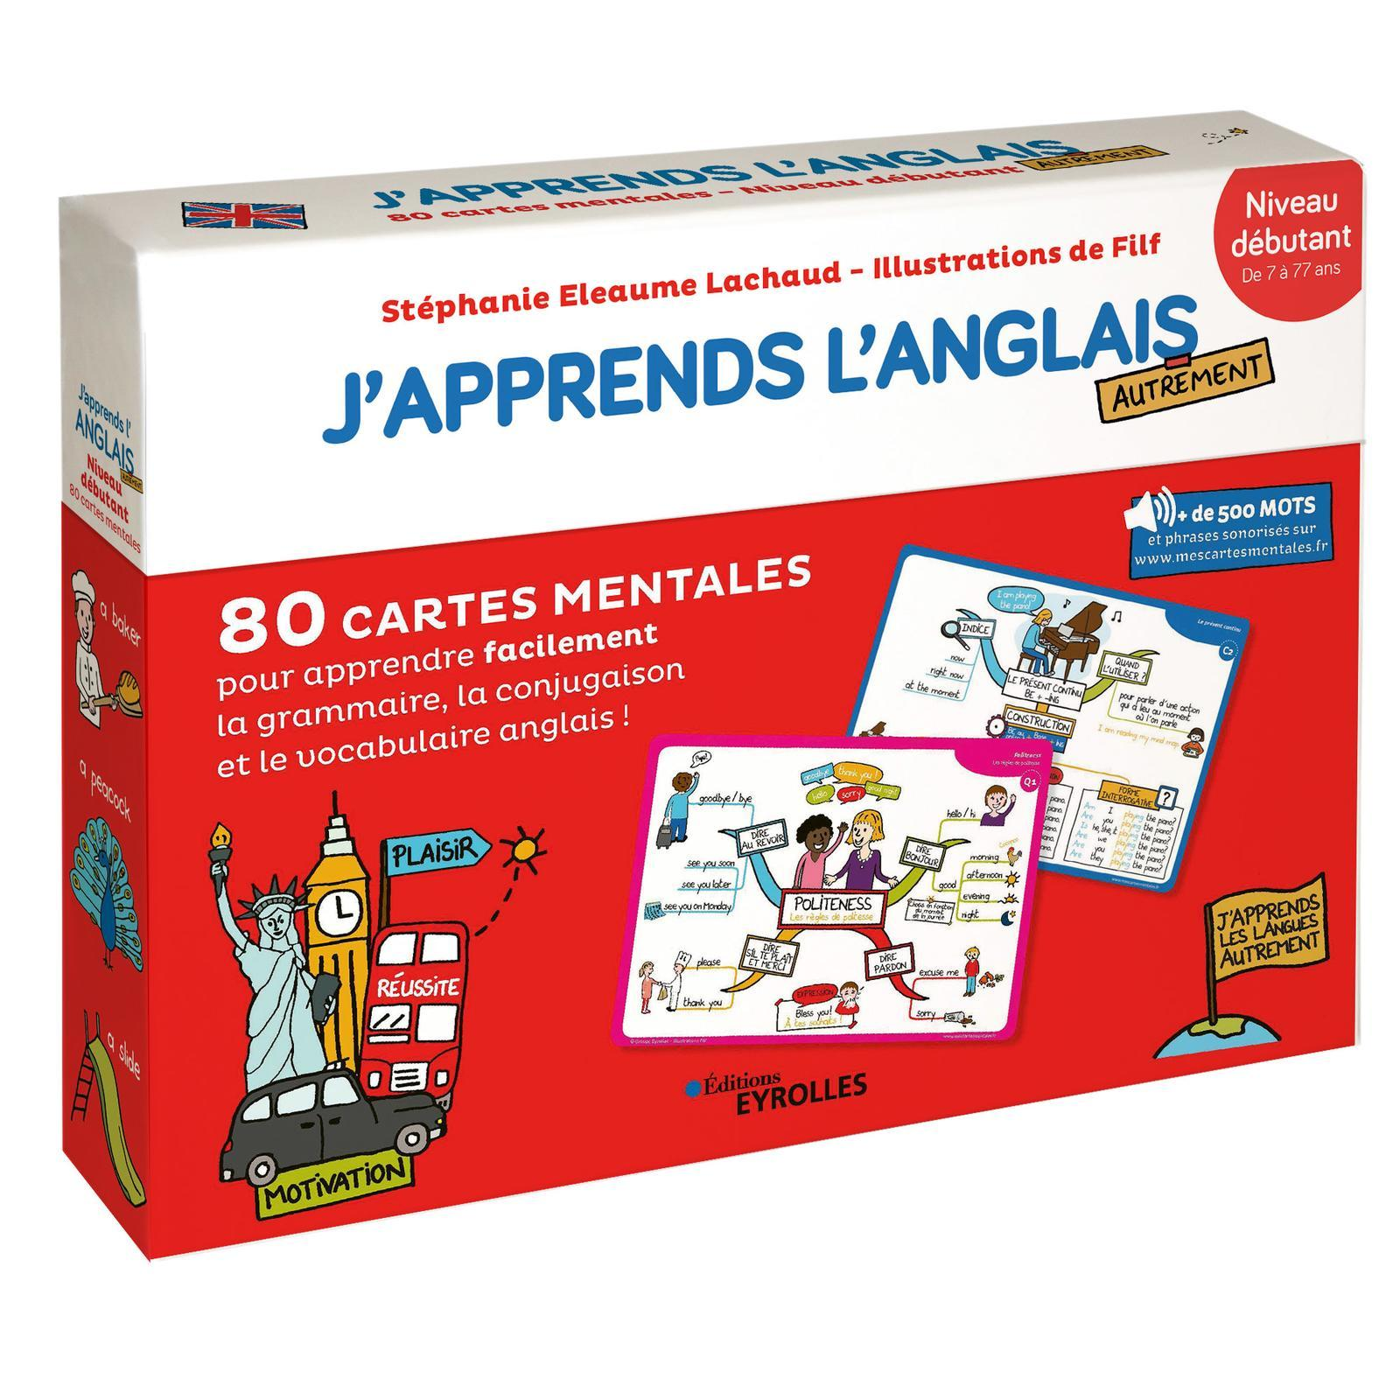 J'APPRENDS L'ANGLAIS AUTREMENT - NIVEAU DEBUTANT - 80 CARTES MENTALES POUR APPRENDRE FACILEMENT LE V